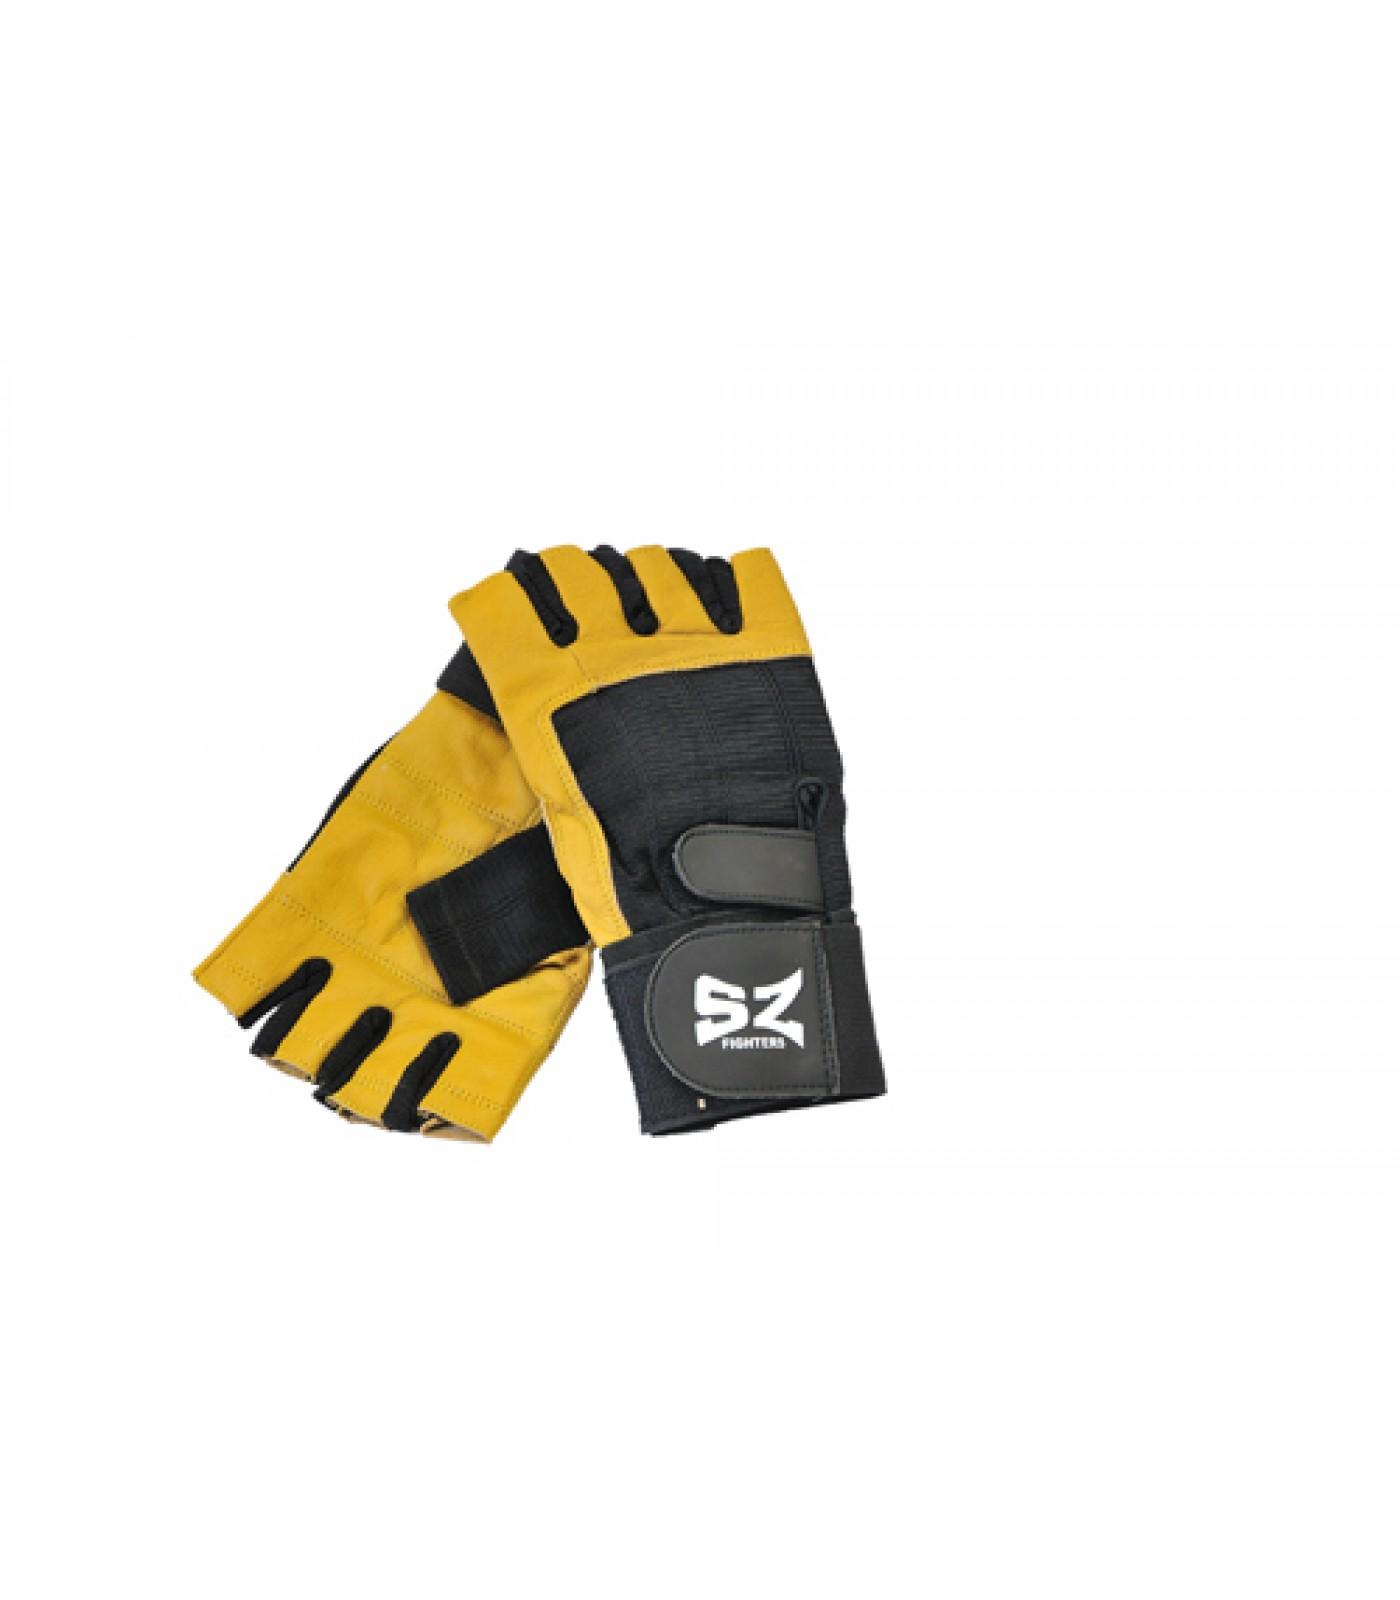 SZ Fighters - Фитнес ръкавици с накитник - жълто/черни